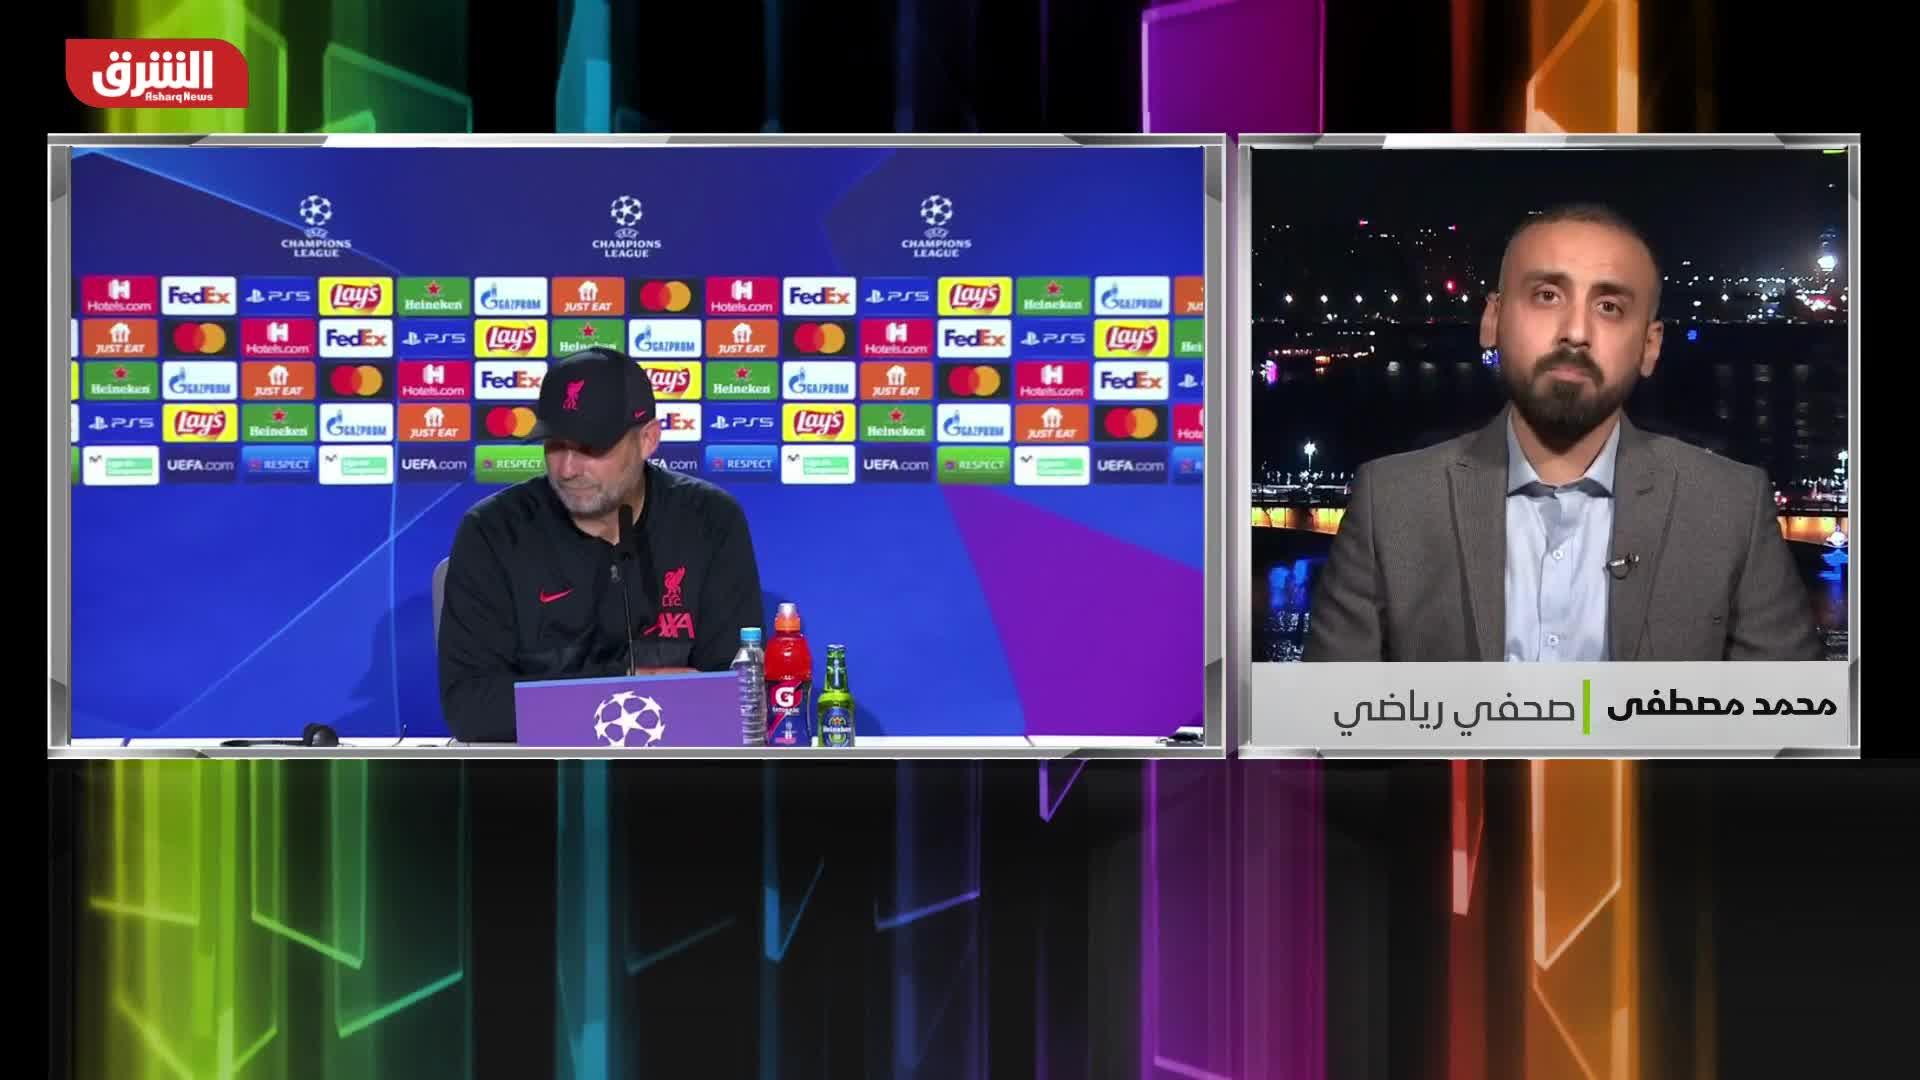 الإمارات تنظم كأس العالم للأندية